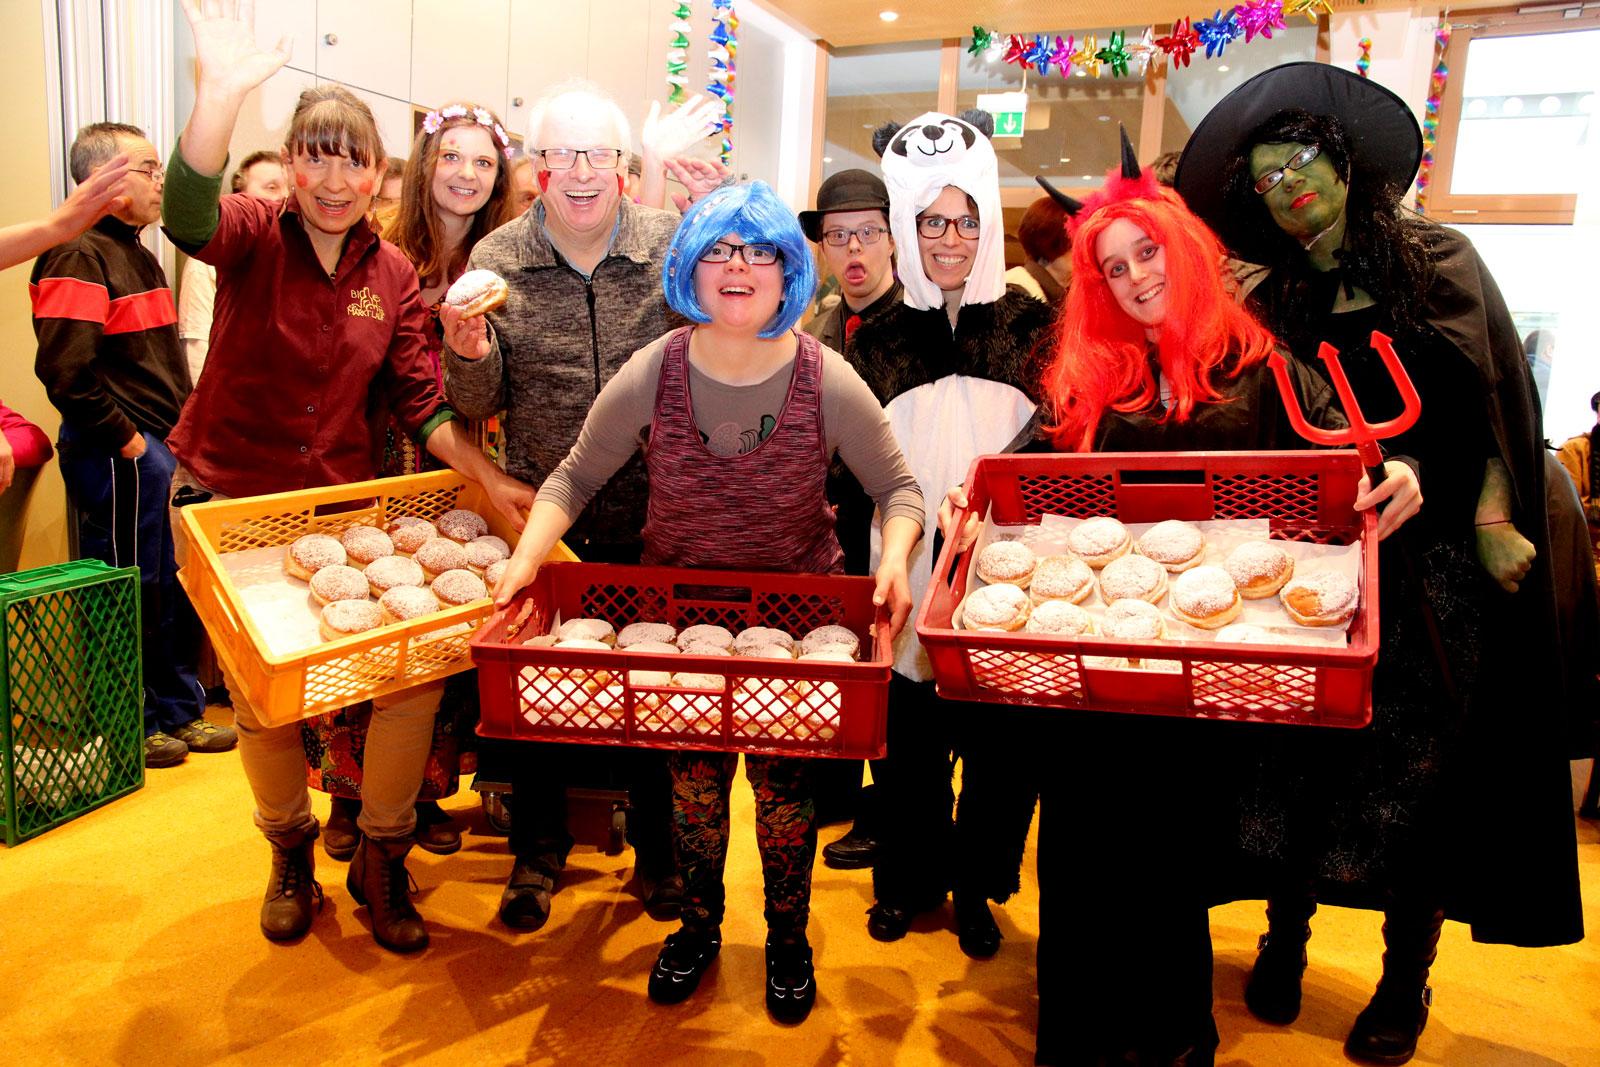 Fluffig und biofrisch: Die Krapfenspende von Biomarkt-Chefin Erika Vogel (links im Bild) kam bei den Matschkerern gut an!